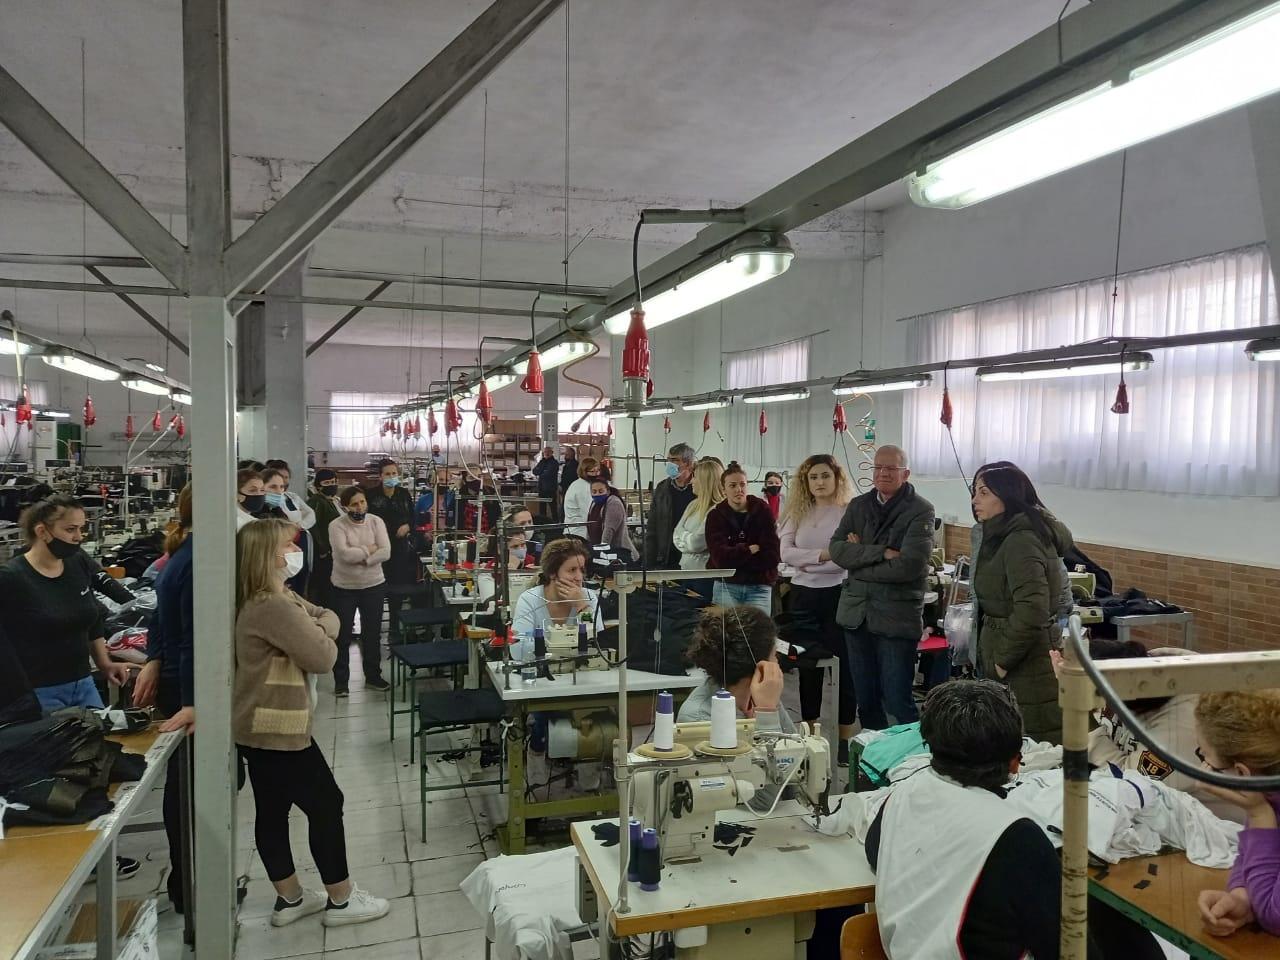 Xhaferaj, takim me punonjësit e fasonerisë në Shkozet: Qeveria Basha do të ulë çmimin e energjisë elektrike